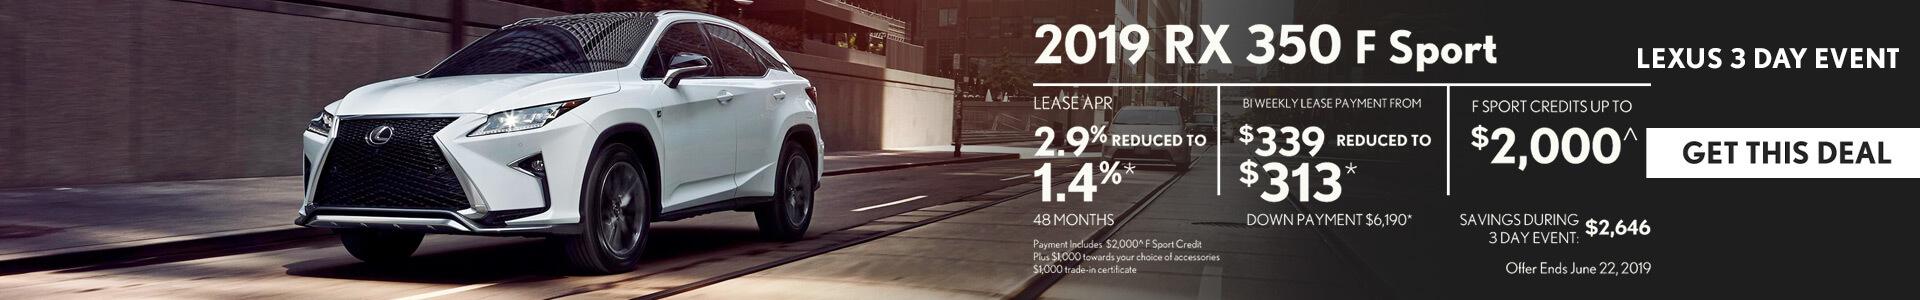 Lexus RX 350 3 Day Sale